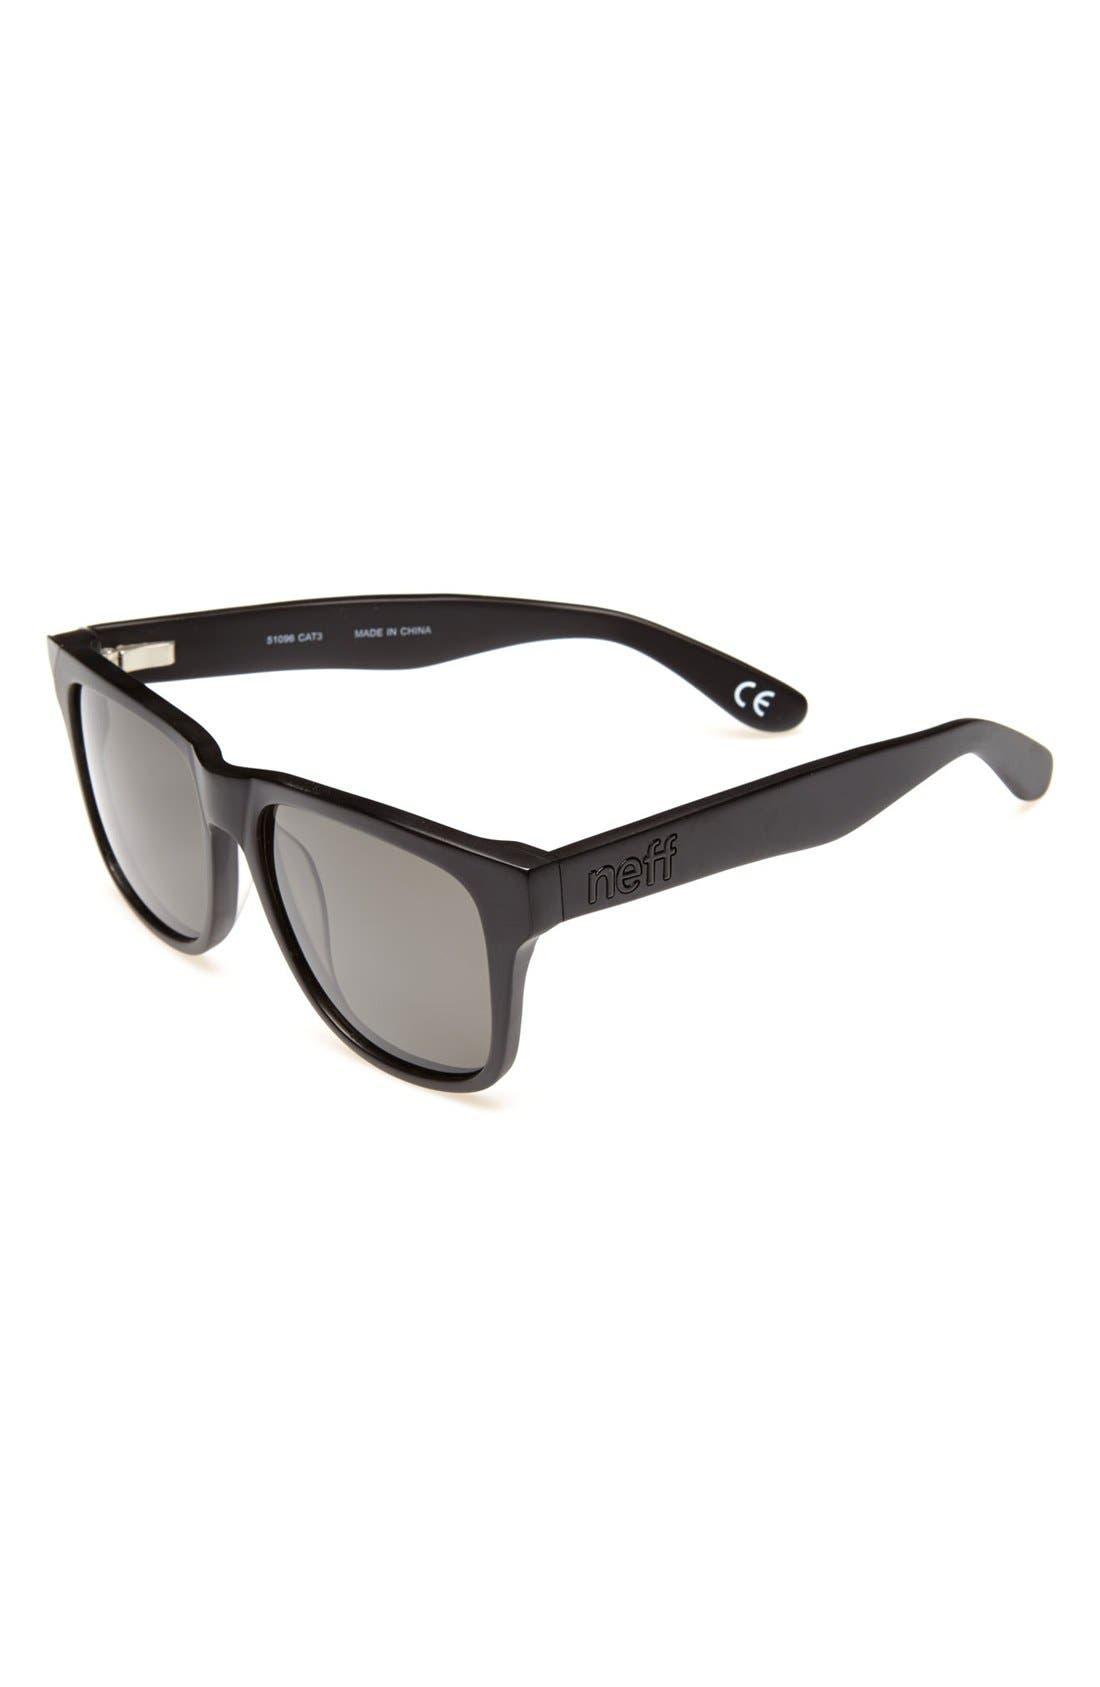 Main Image - Neff 'Thunder' Polarized Sunglasses (Boys)